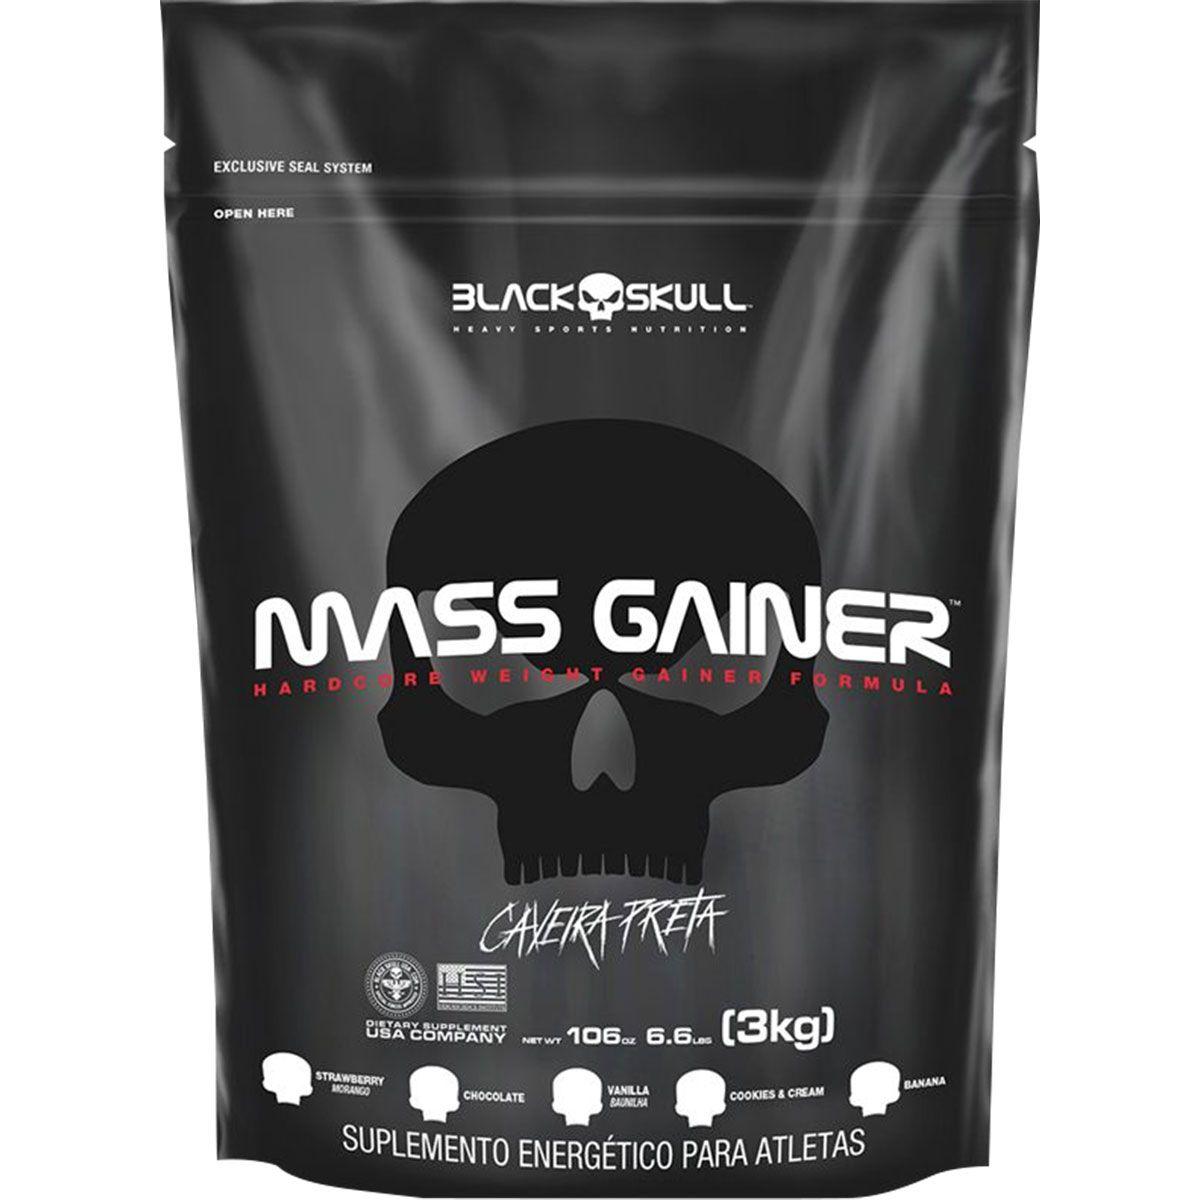 Mass Gainer Refil Black Skull - 3kg